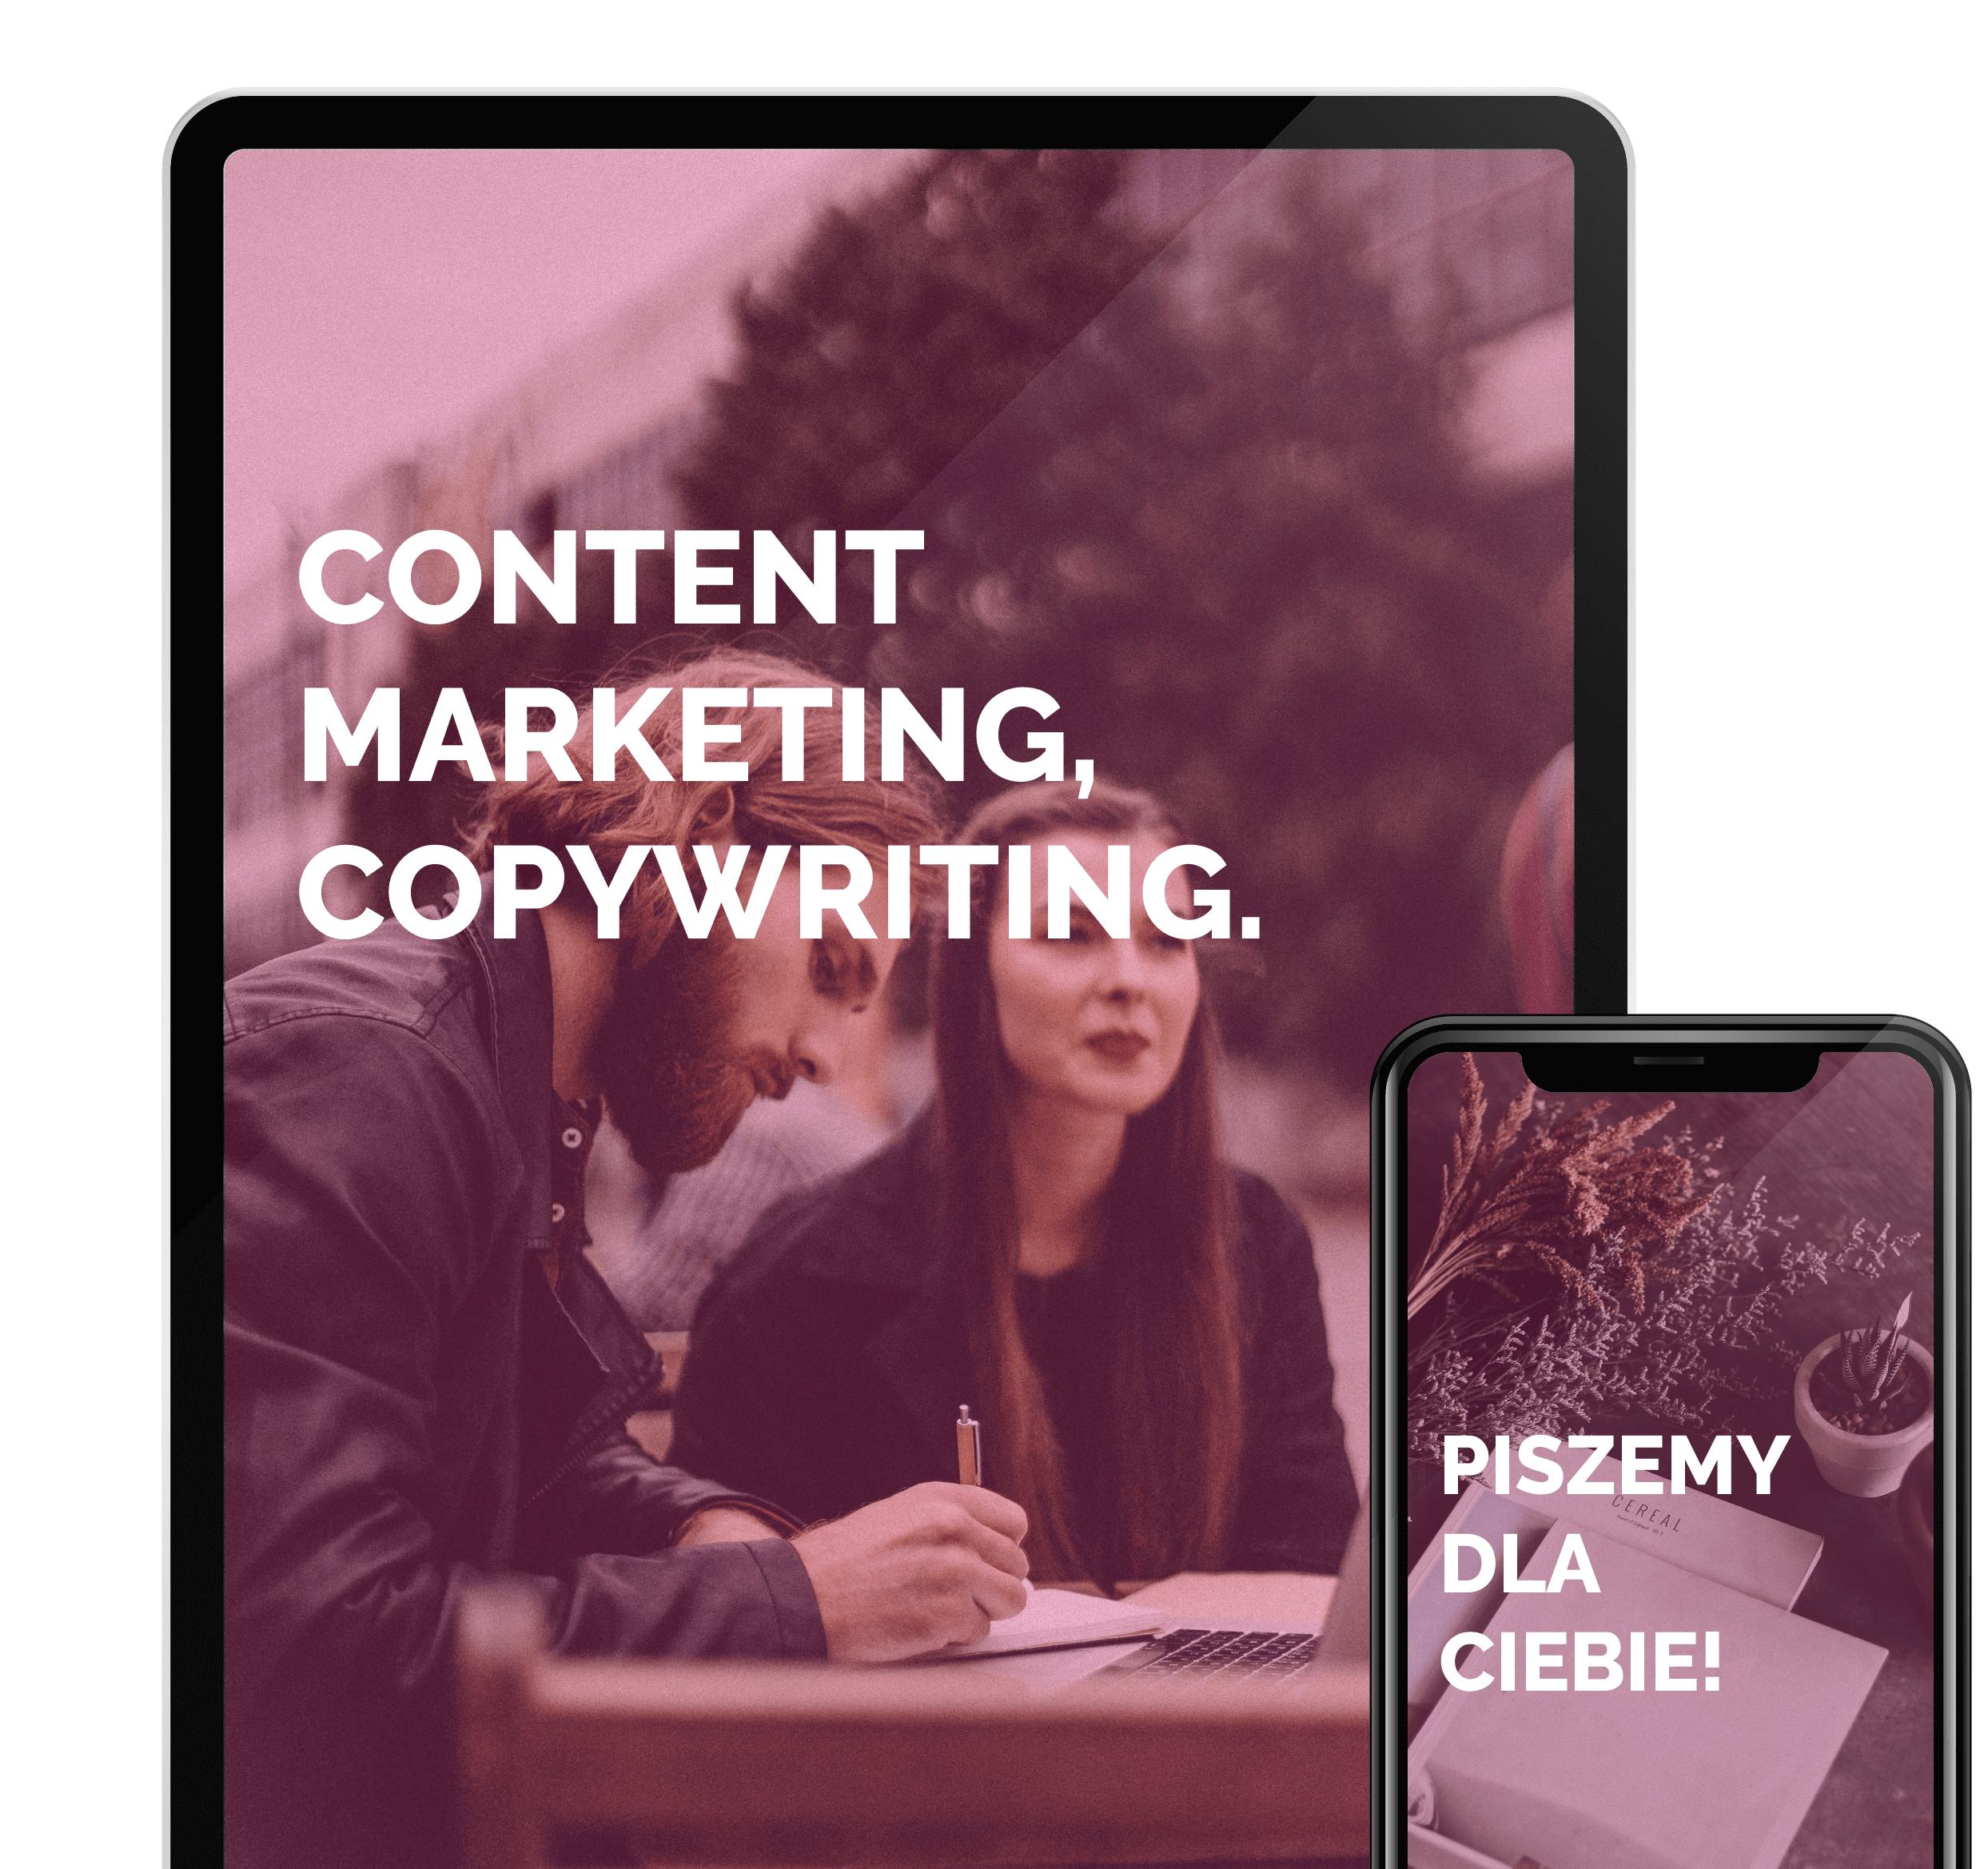 Conture content marketing